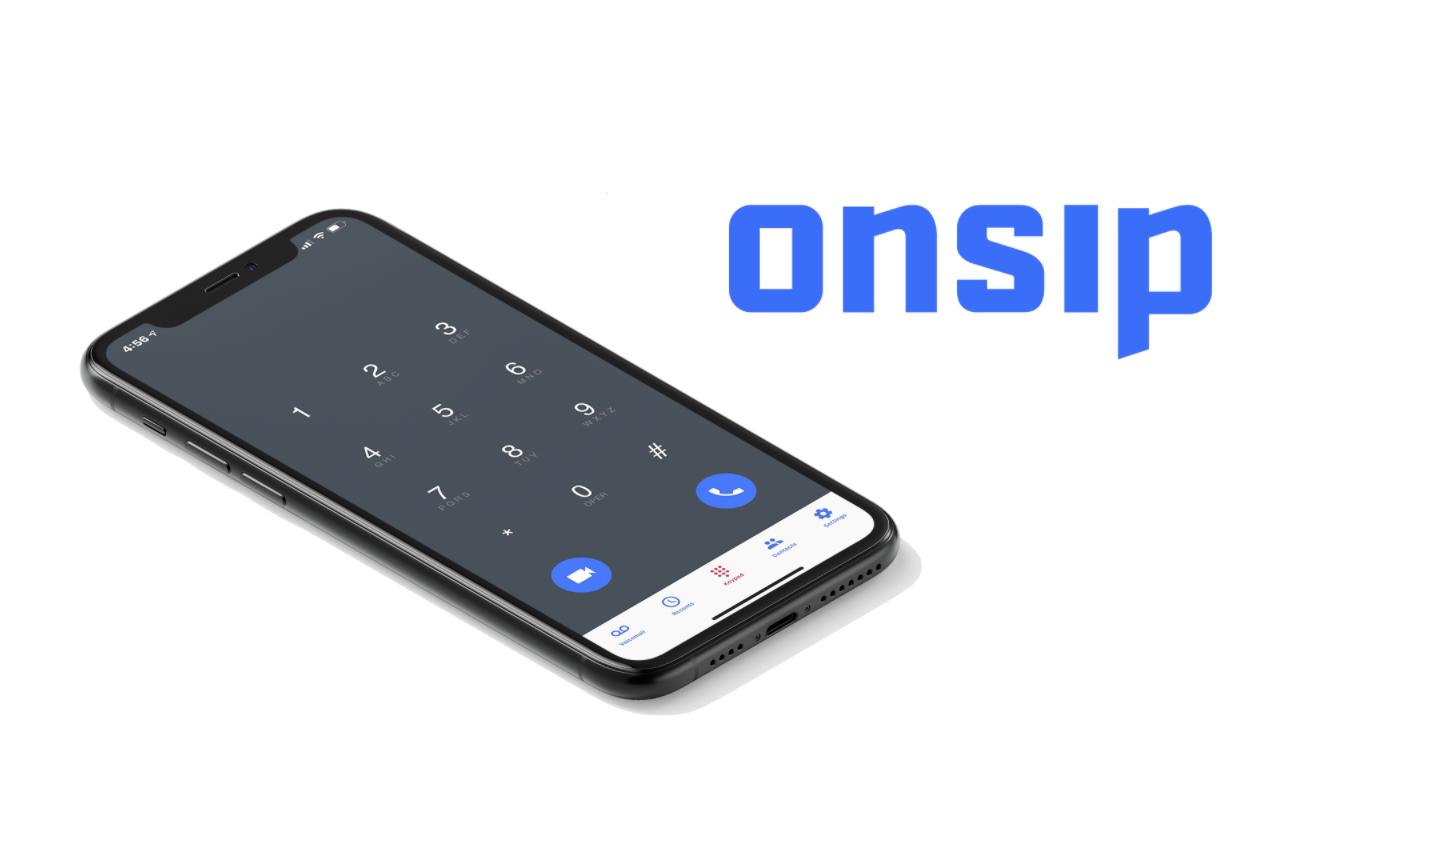 onsip app